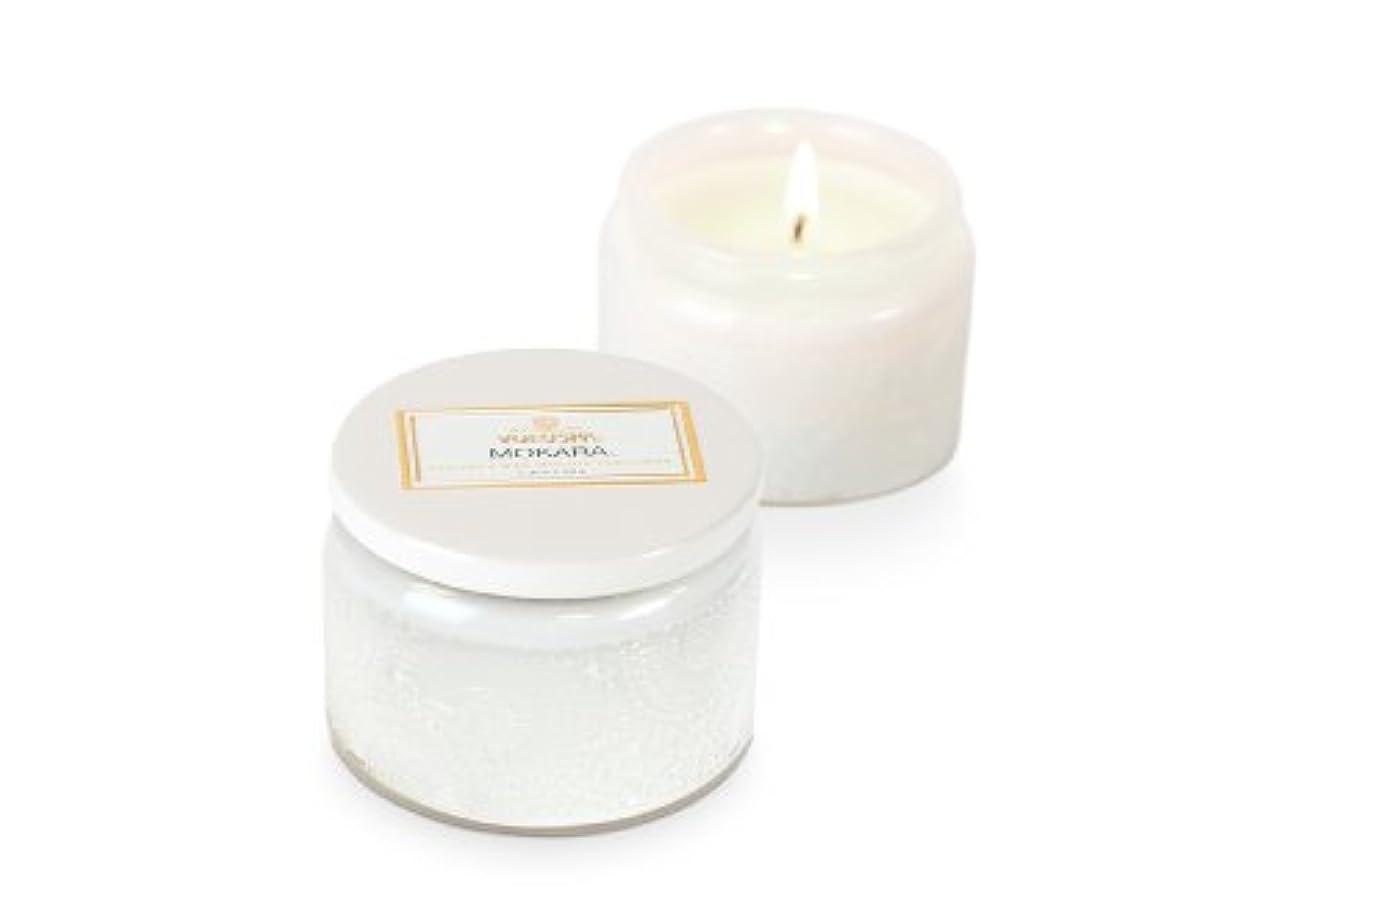 盲信懇願する変なVoluspa ボルスパ ジャポニカ グラスジャーキャンドル S モカラ JAPONICA Glass jar candle MOKARA